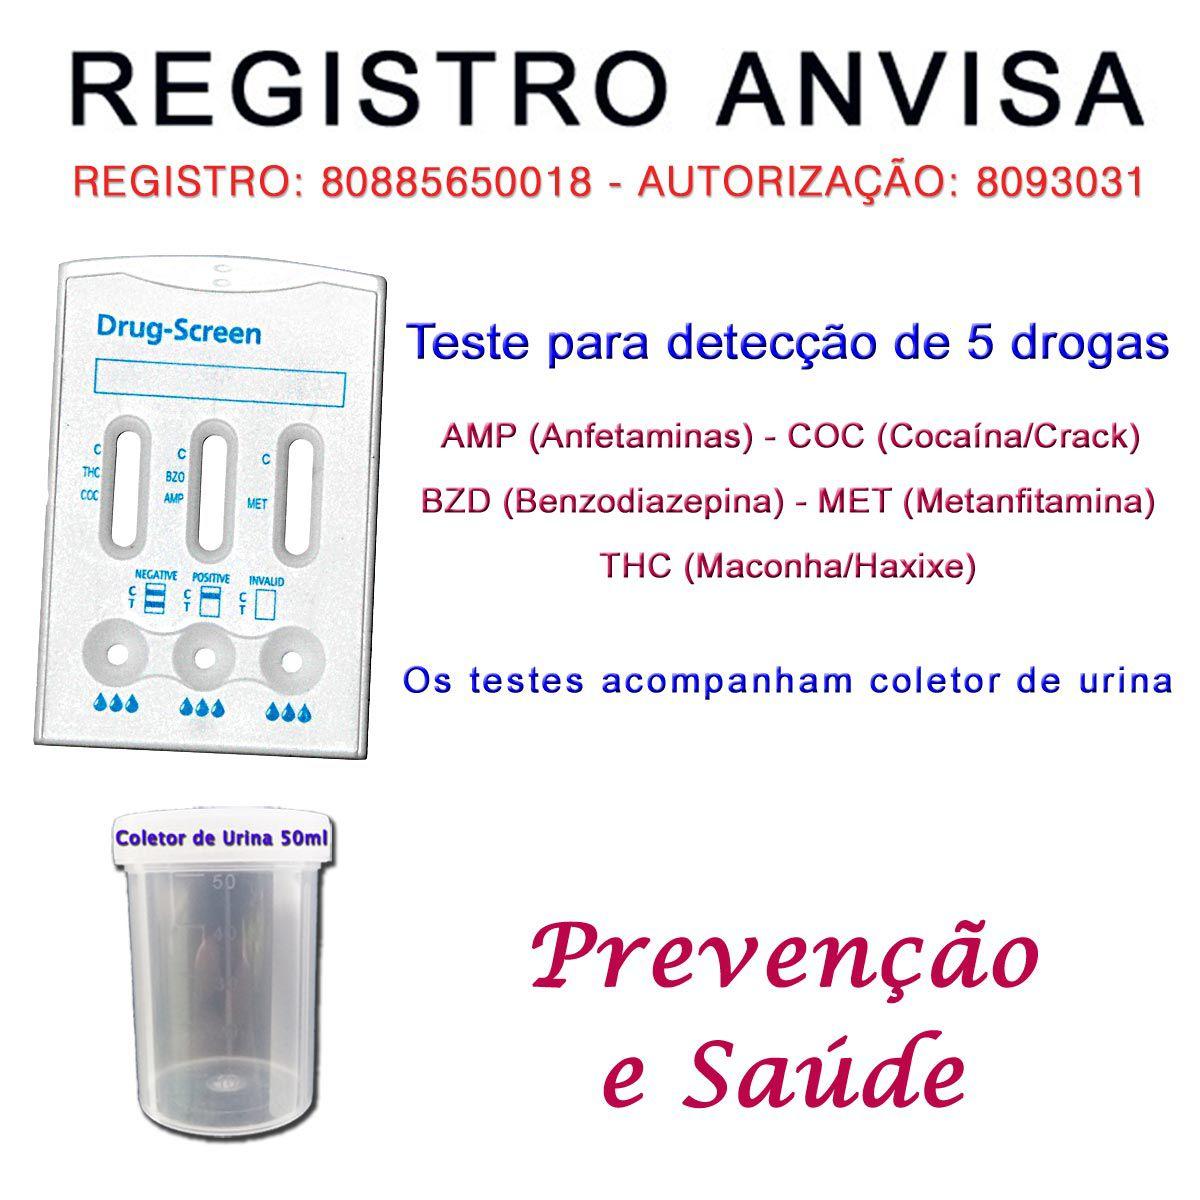 05 Kits para testes de 5 substâncias  - Testes Para Drogas e COVID-19. Máscaras e Como Parar de Beber e Fumar